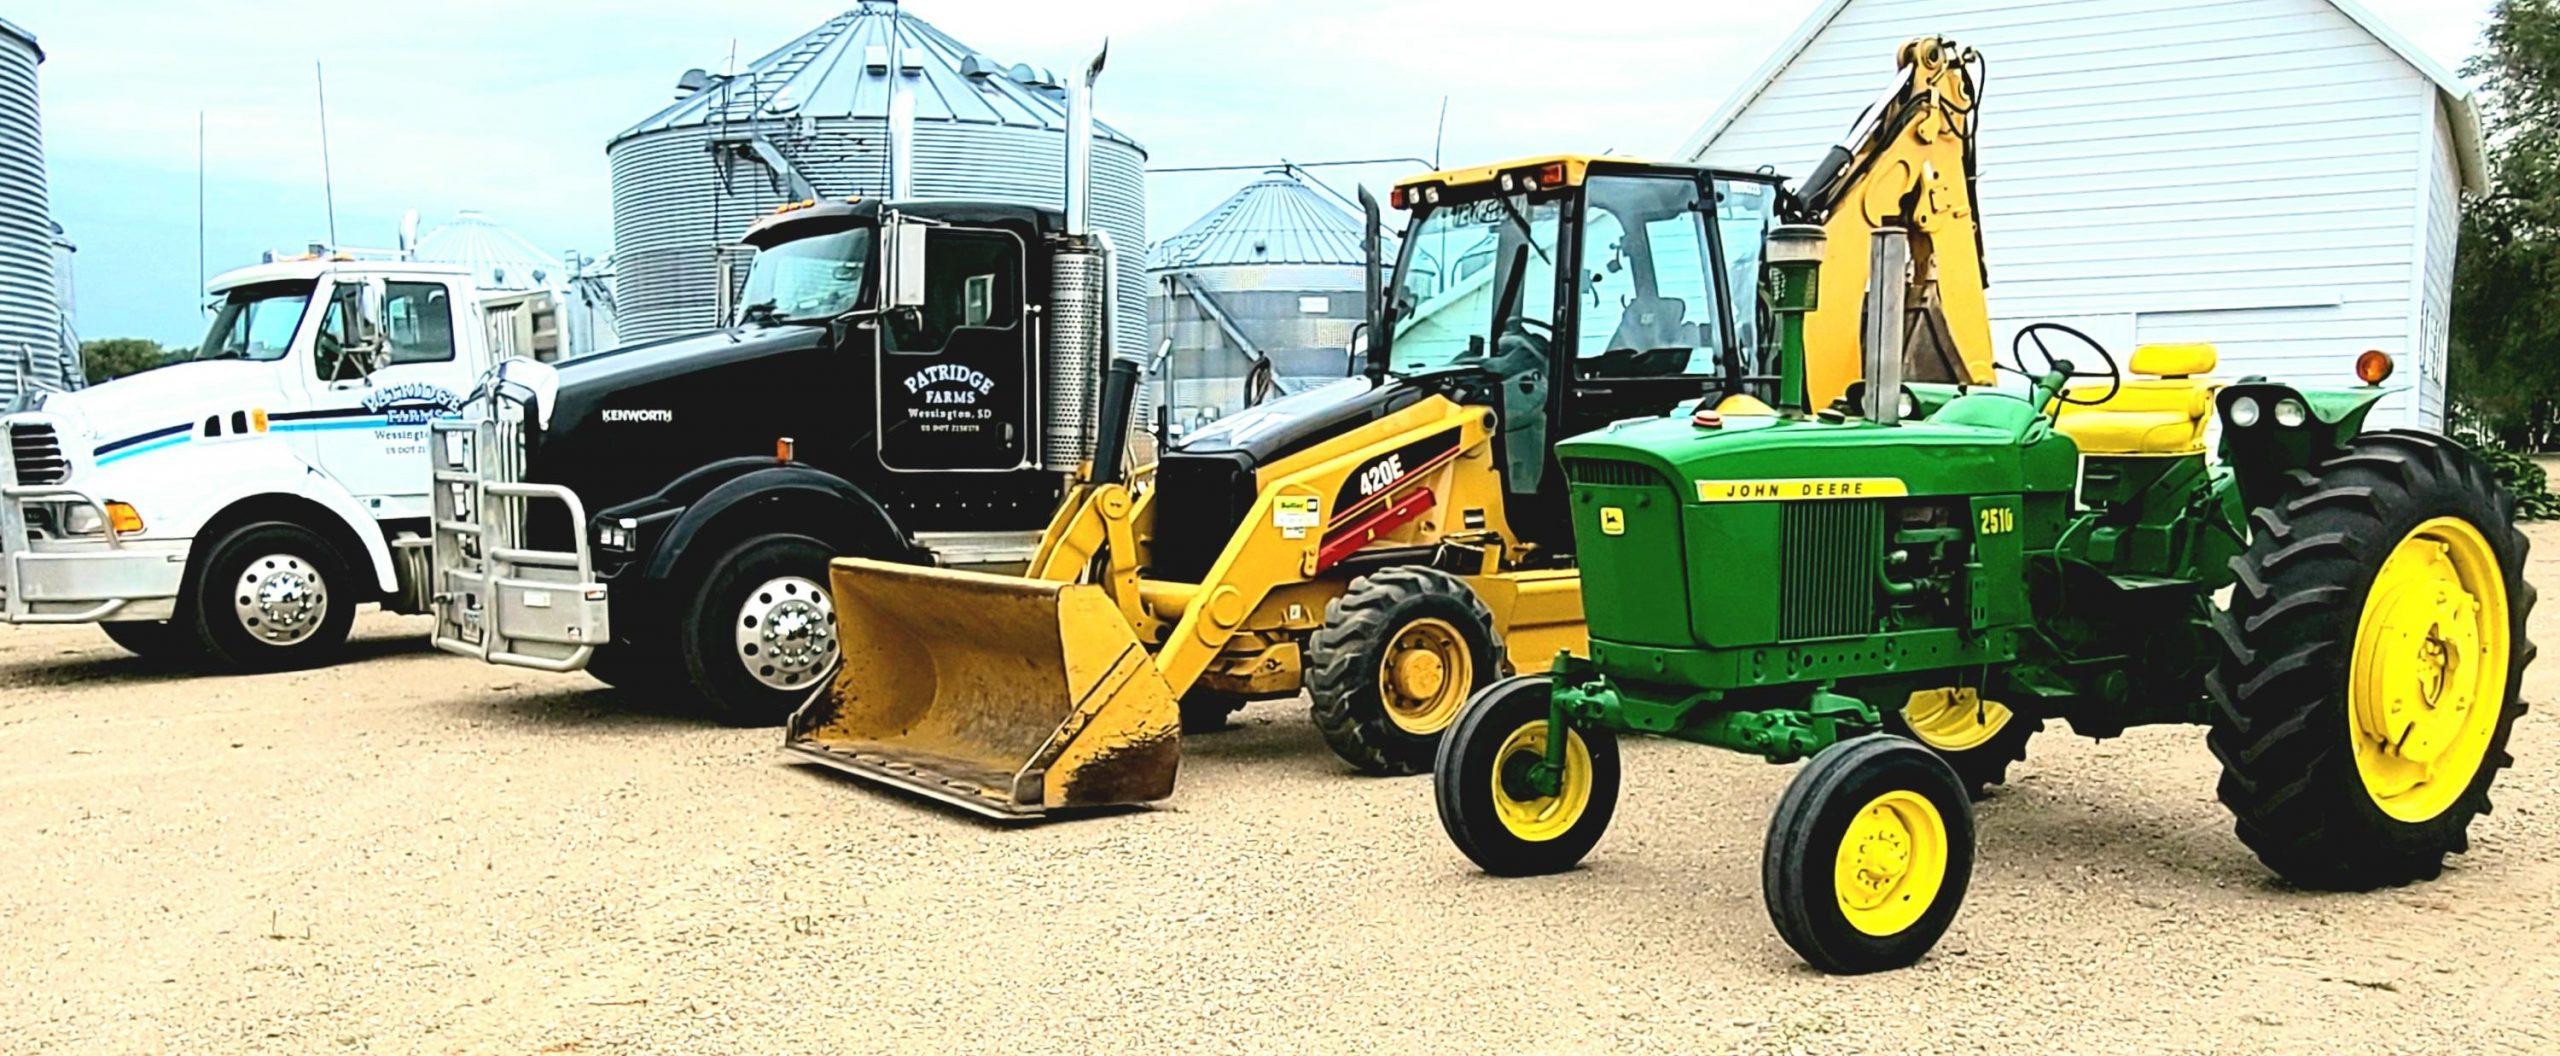 9/30 Patridge Farms Online Only Auction